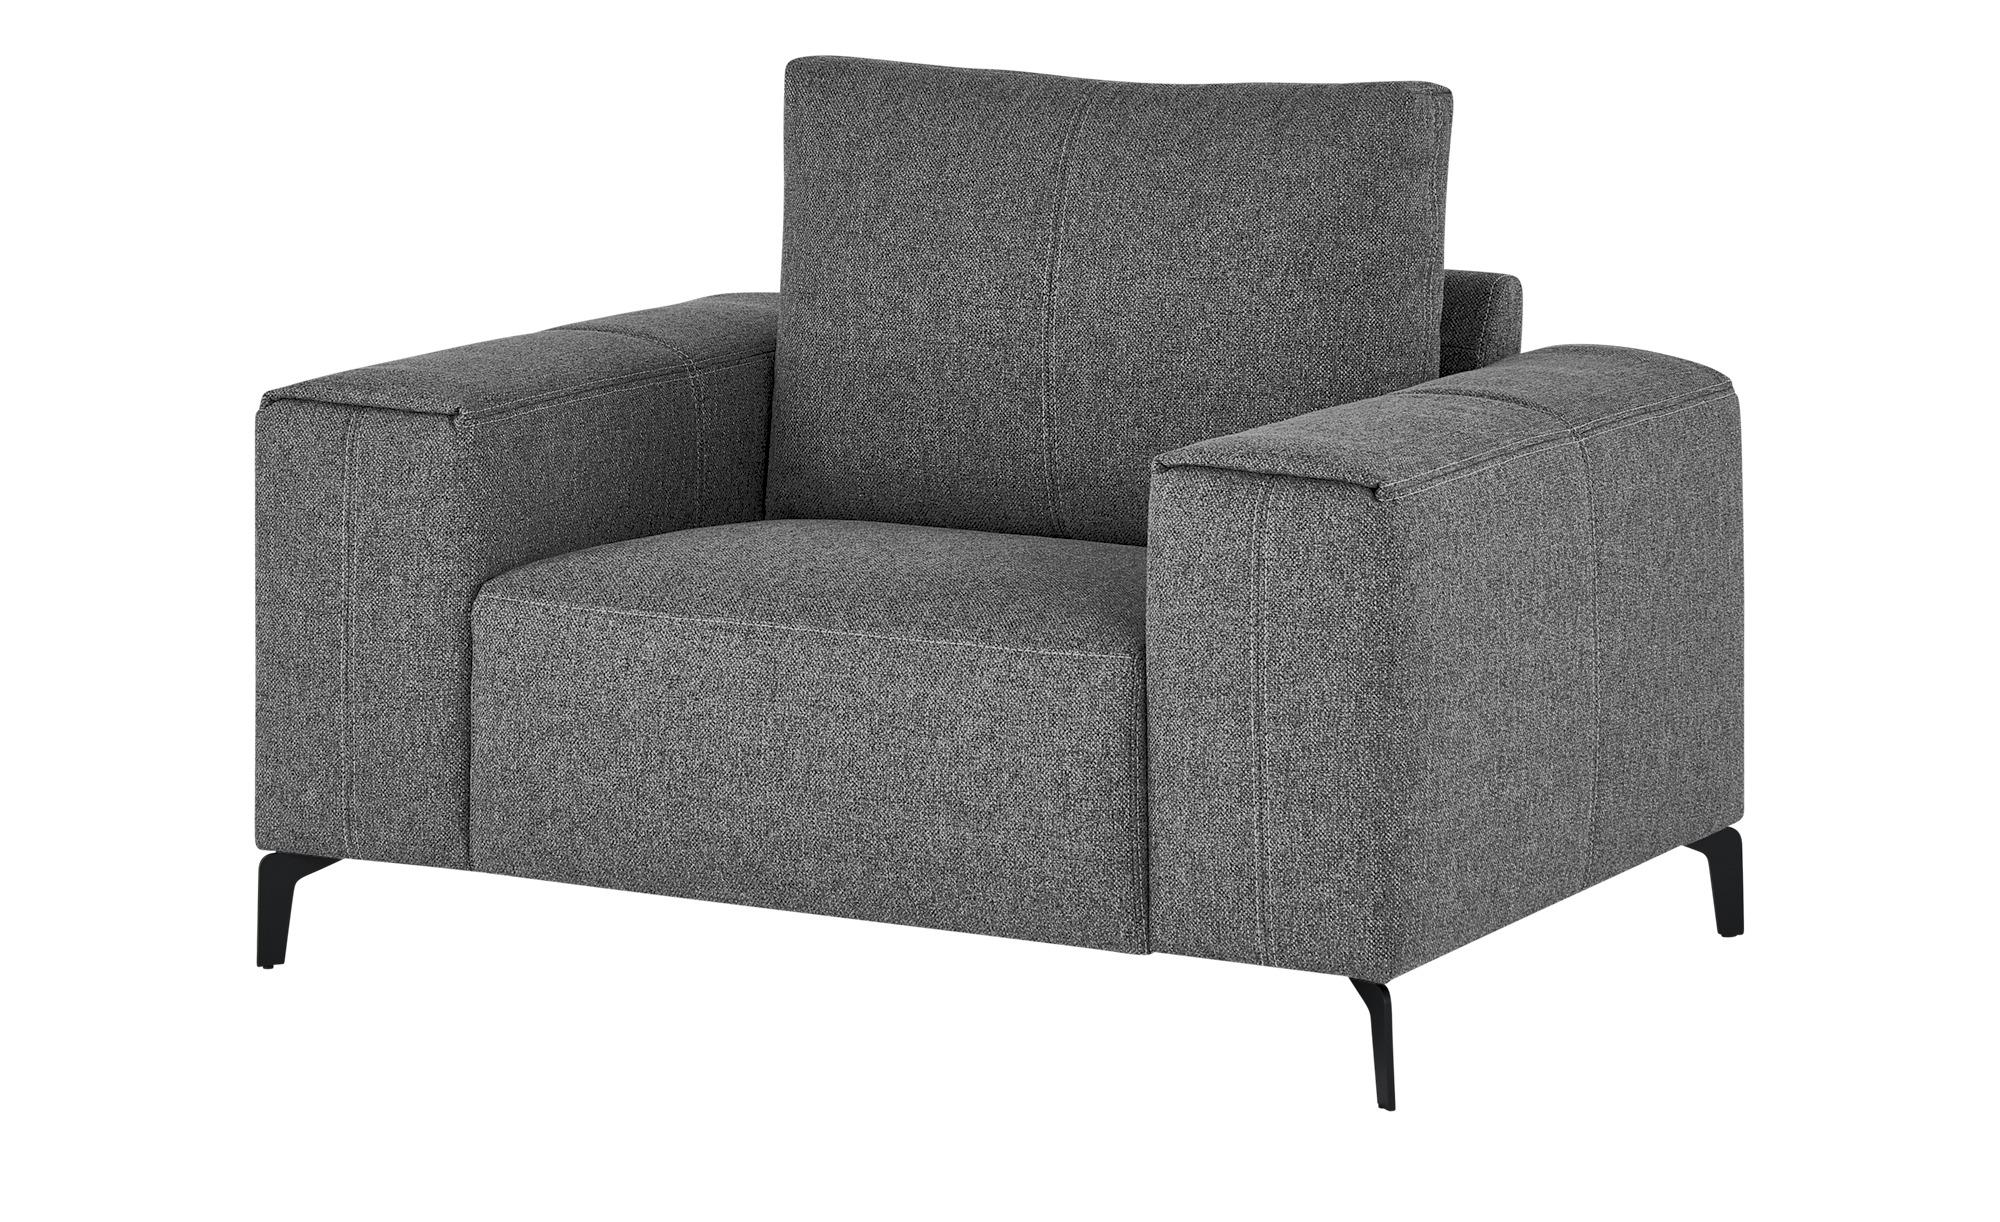 smart Sessel  Gabriela ¦ grau ¦ Maße (cm): B: 127 H: 90 T: 91 Polstermöbel > Sessel > Polstersessel - Höffner